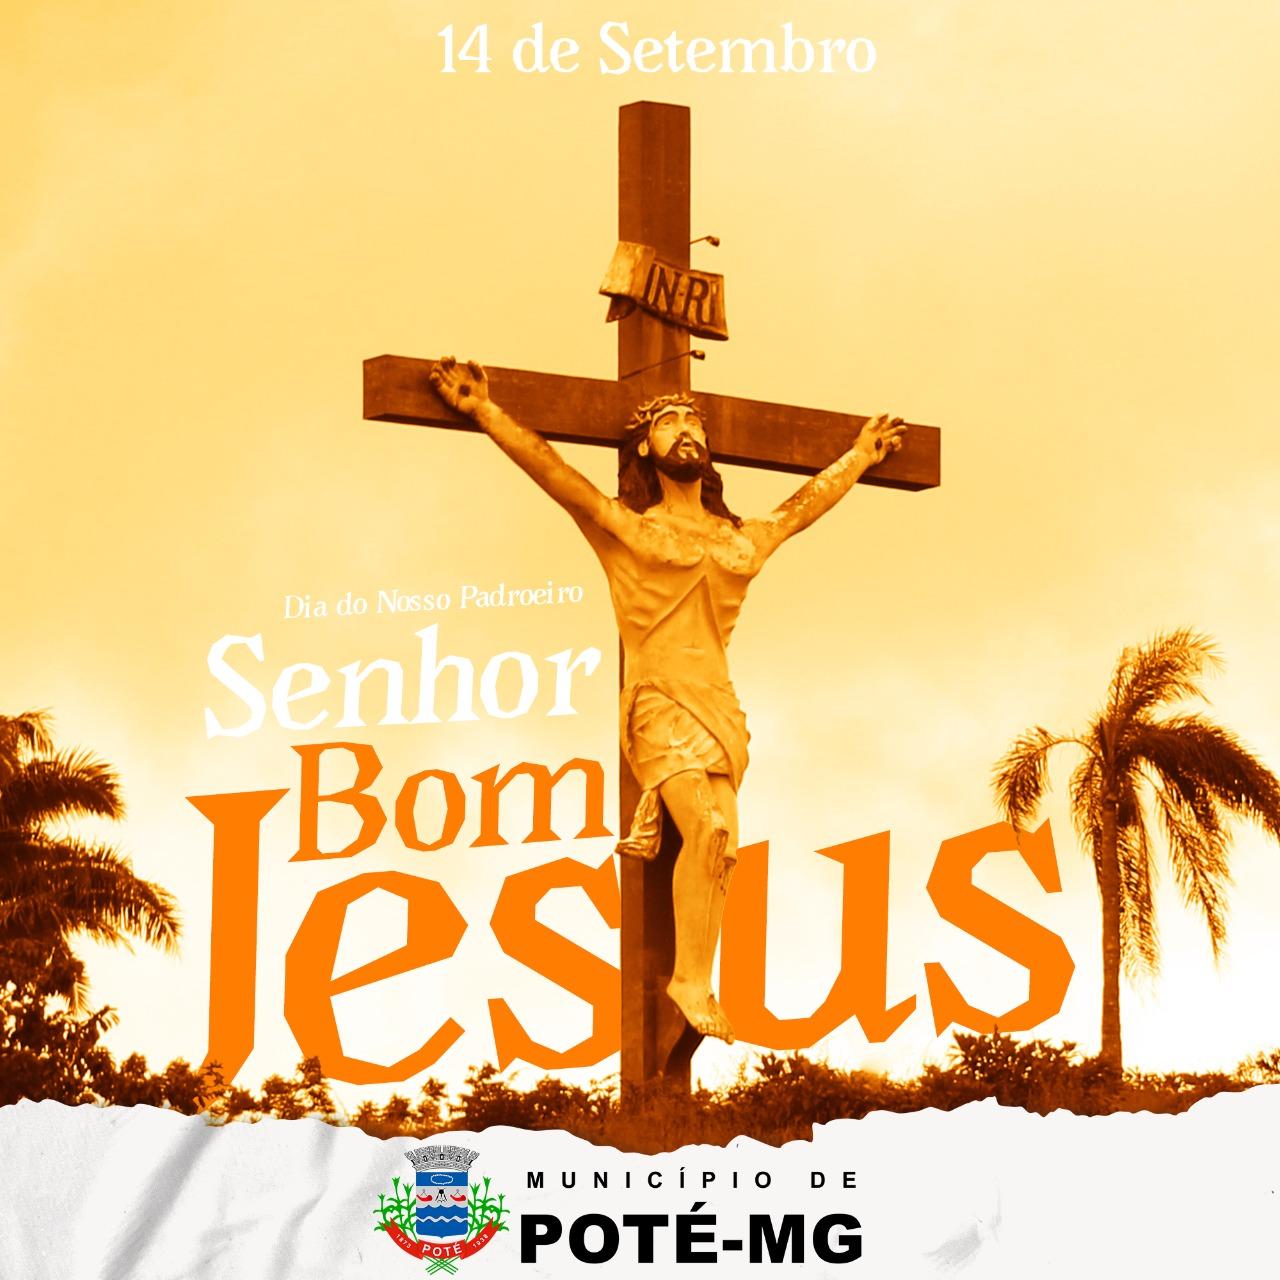 14 DE SETEMBRO, DIA DO NOSSO PADROEIRO SENHOR BOM JESUS